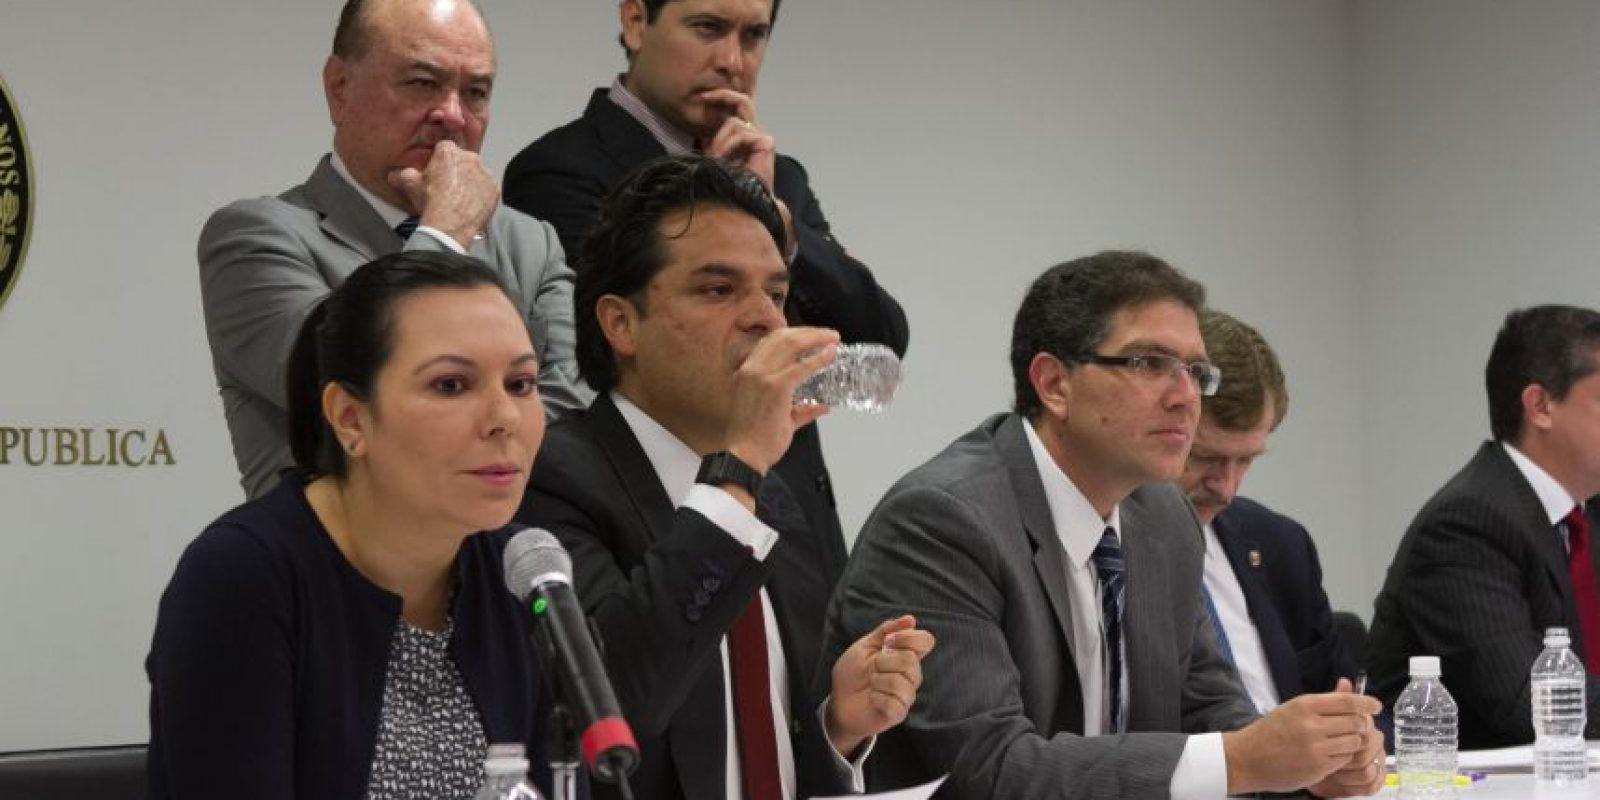 Los integrantes de las ONG se dijeron extrañados de la ausencia de los senadores. Foto:Cuartoscuro